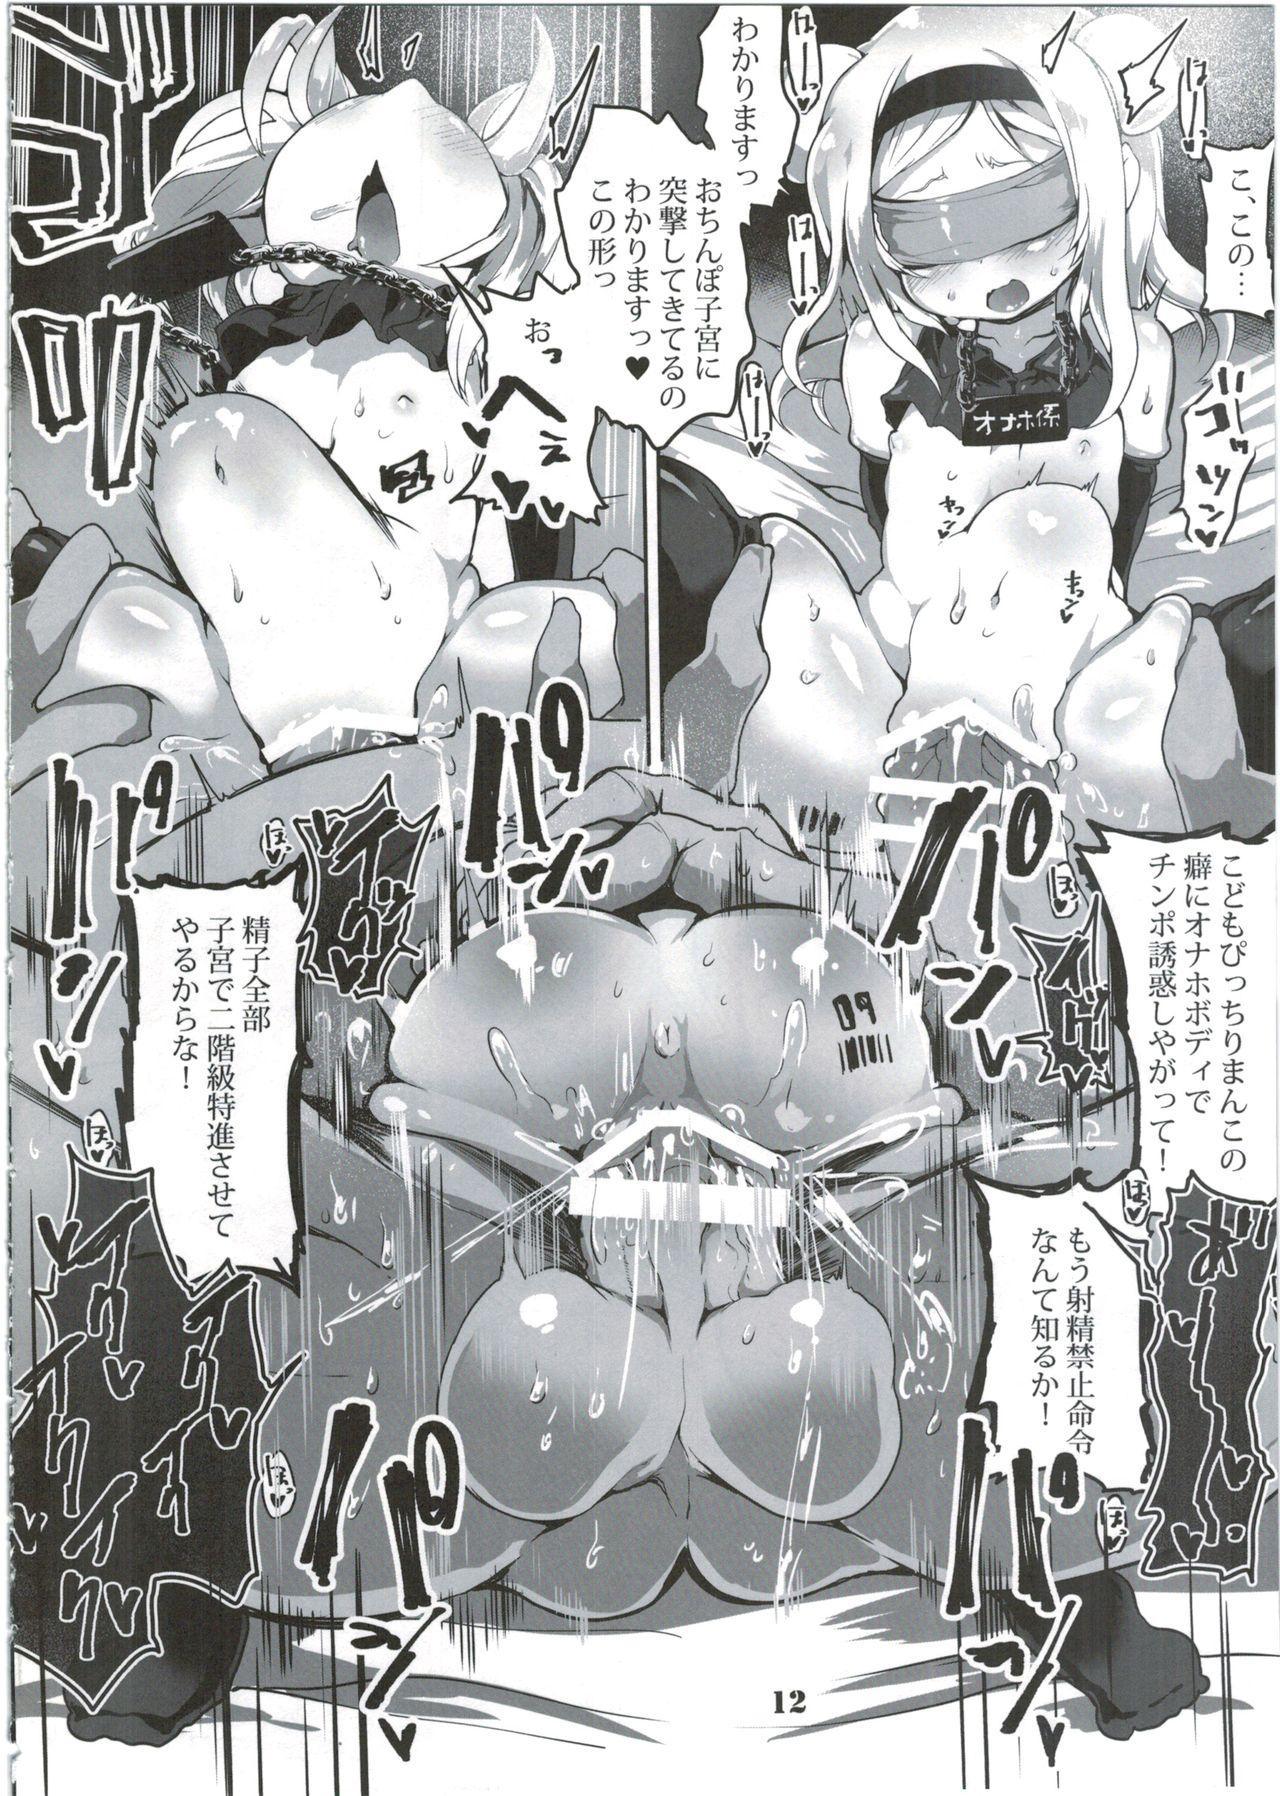 Tanoshii Seieki Bokujou 13